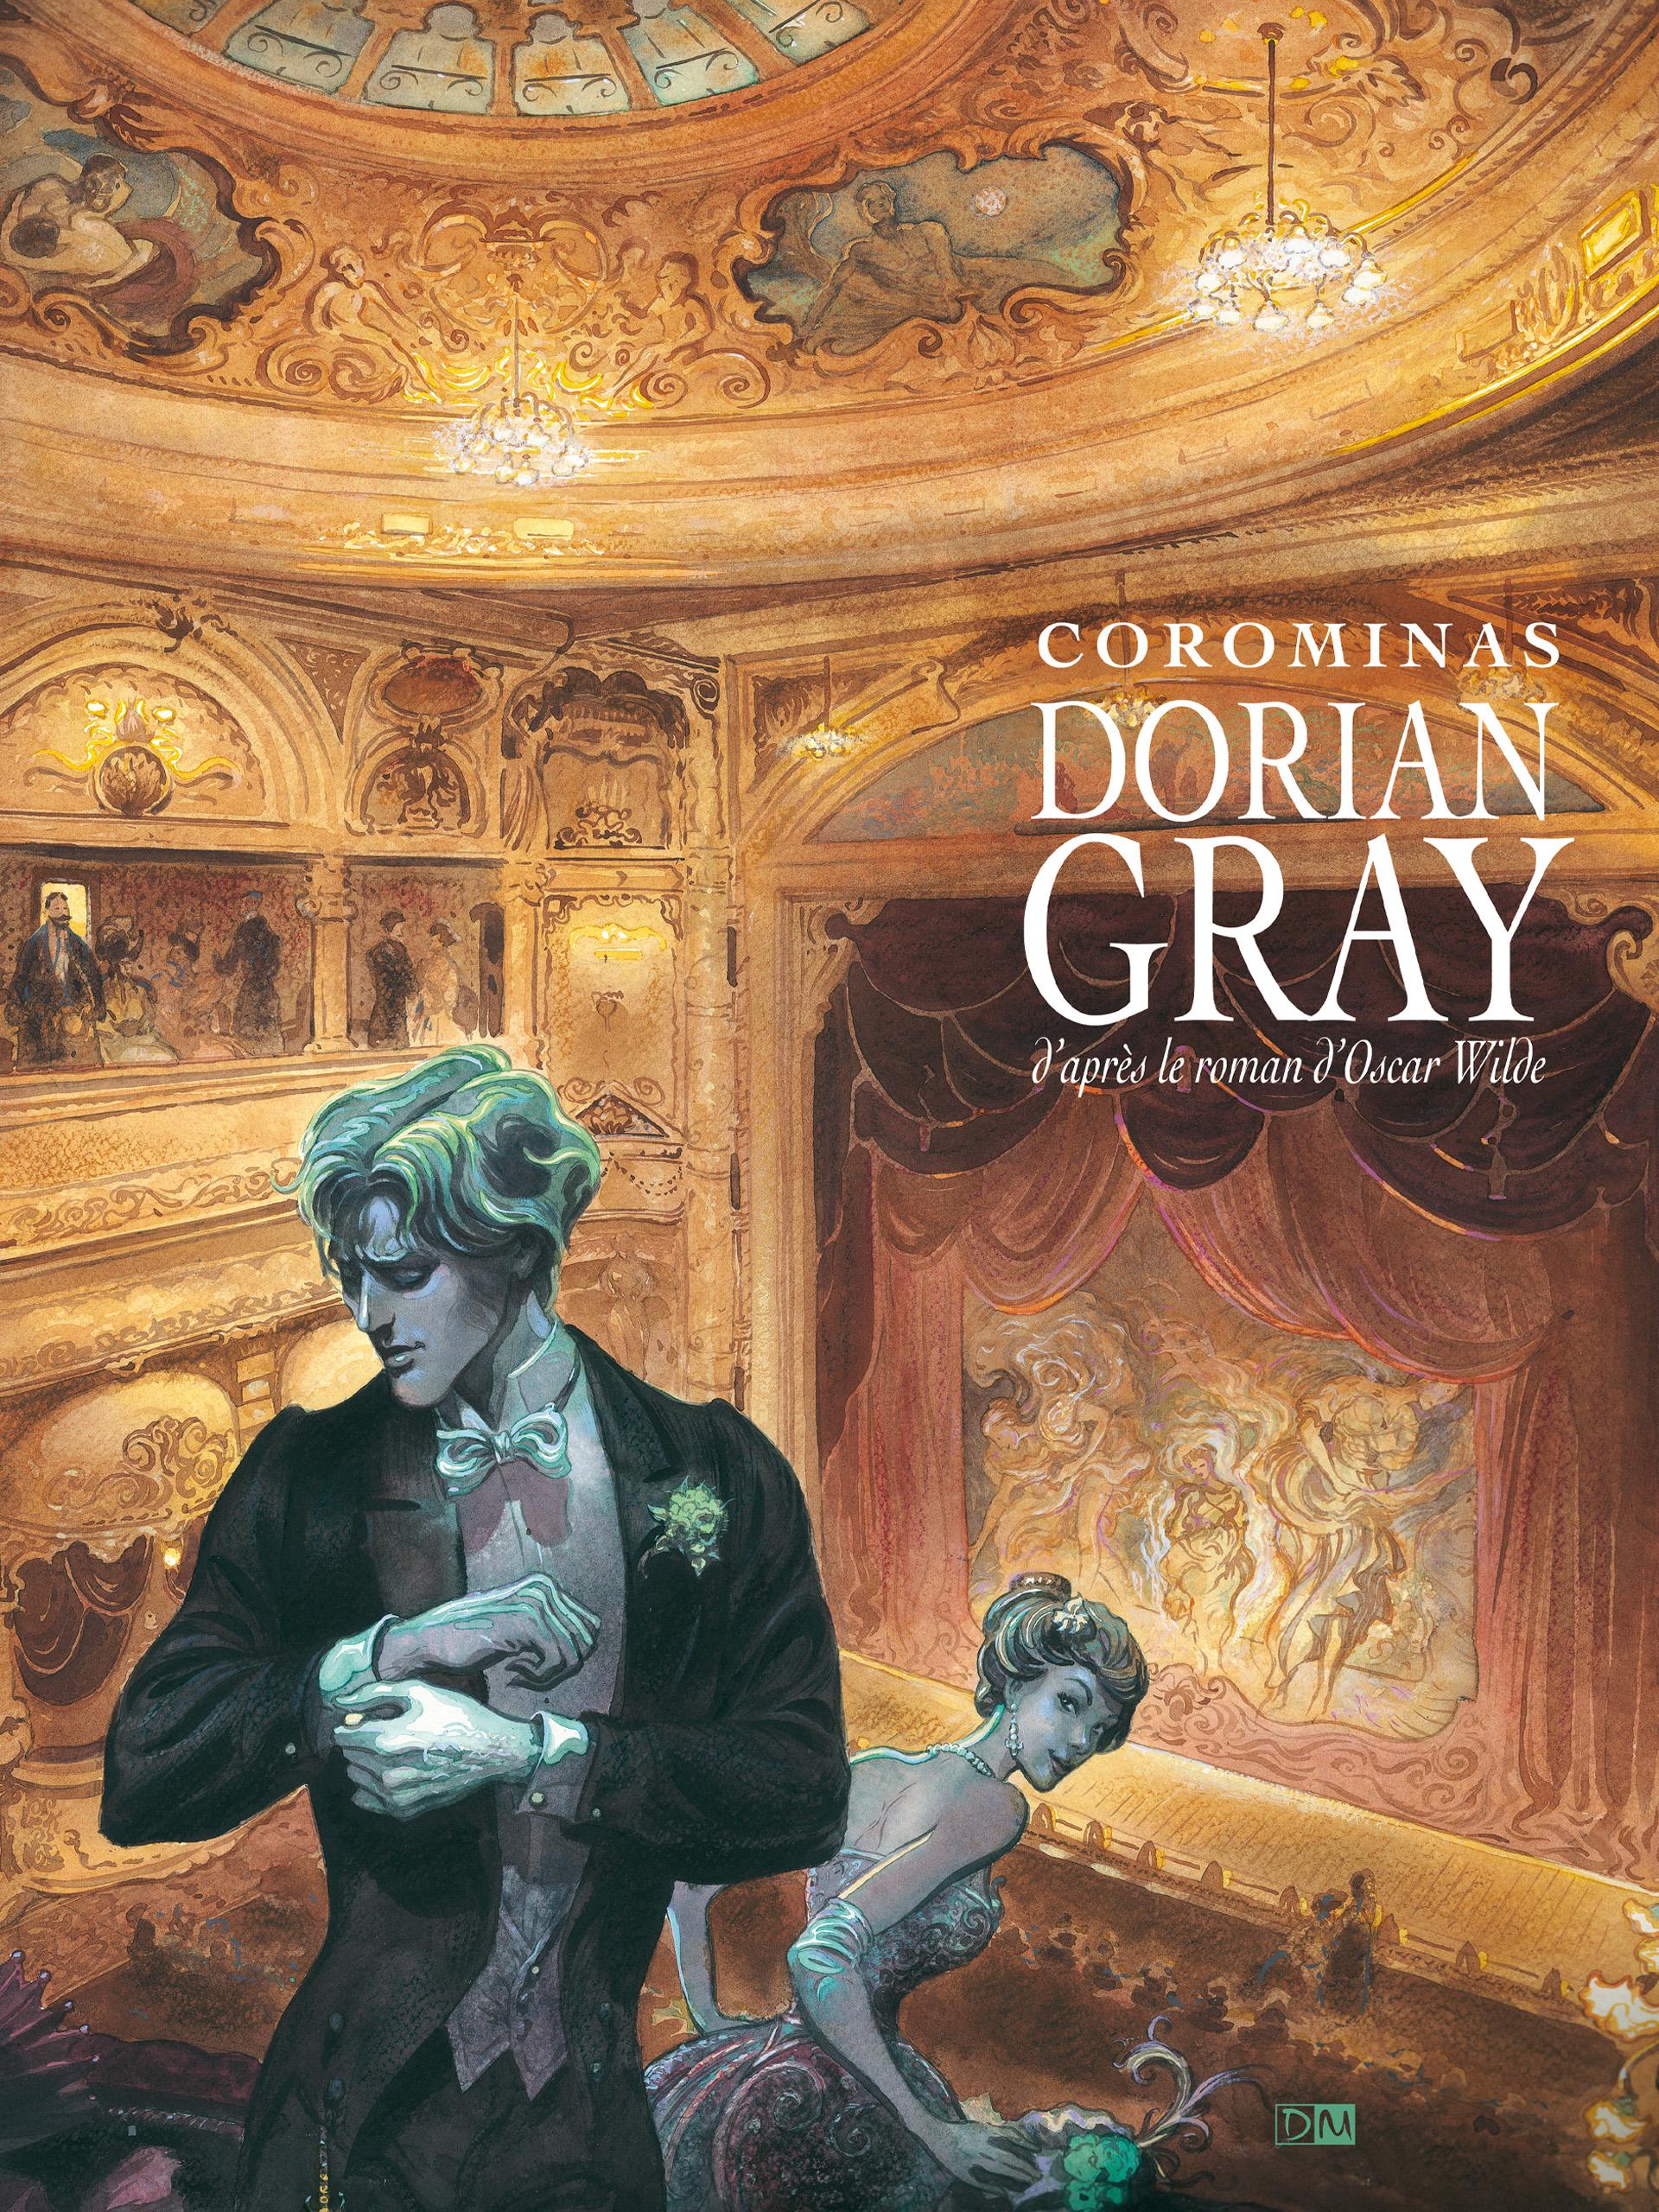 Dorian Gray - Enrique Corominas - Couverture